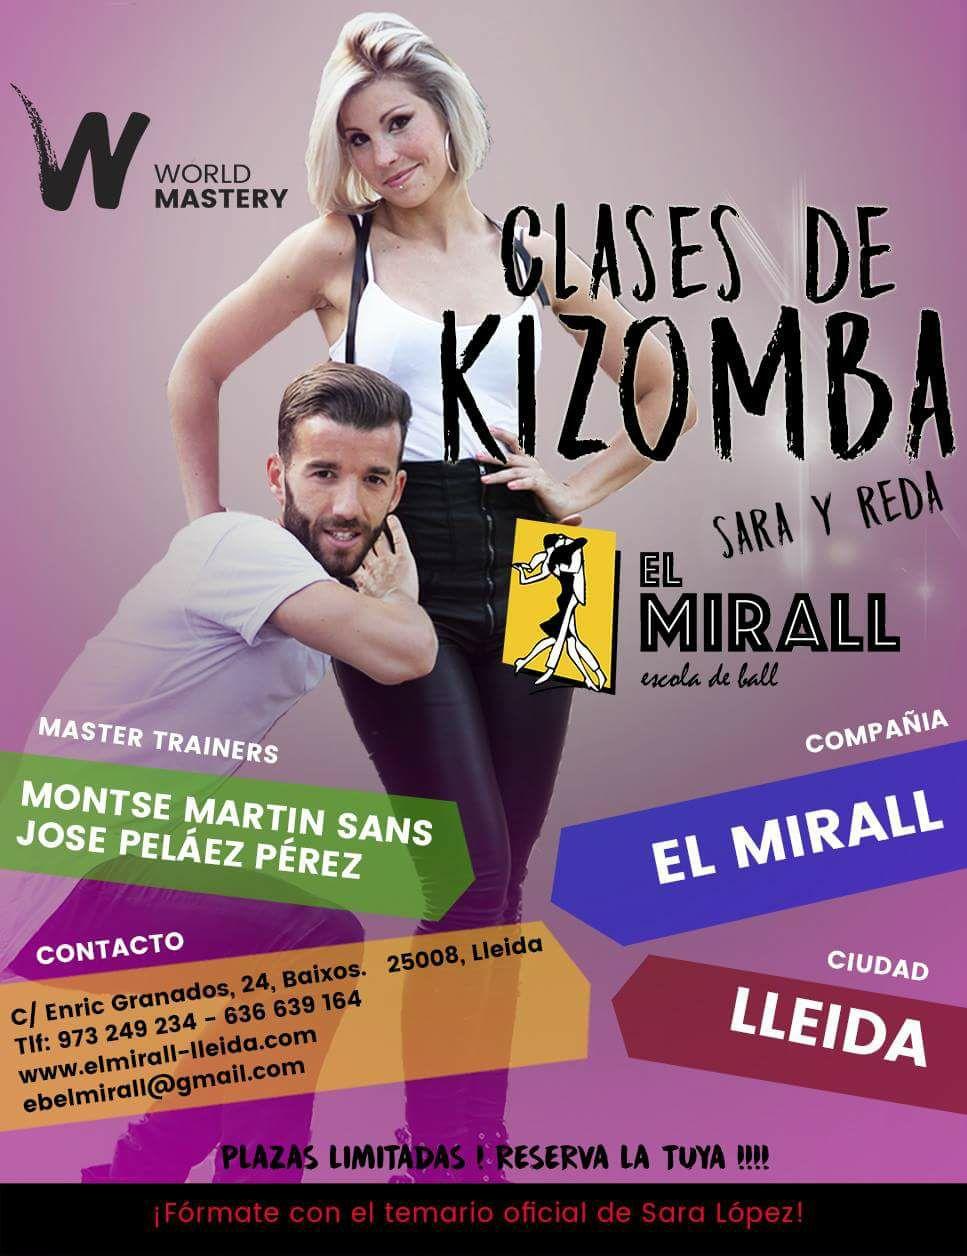 El Mirall - Escola de ball - Kizomba